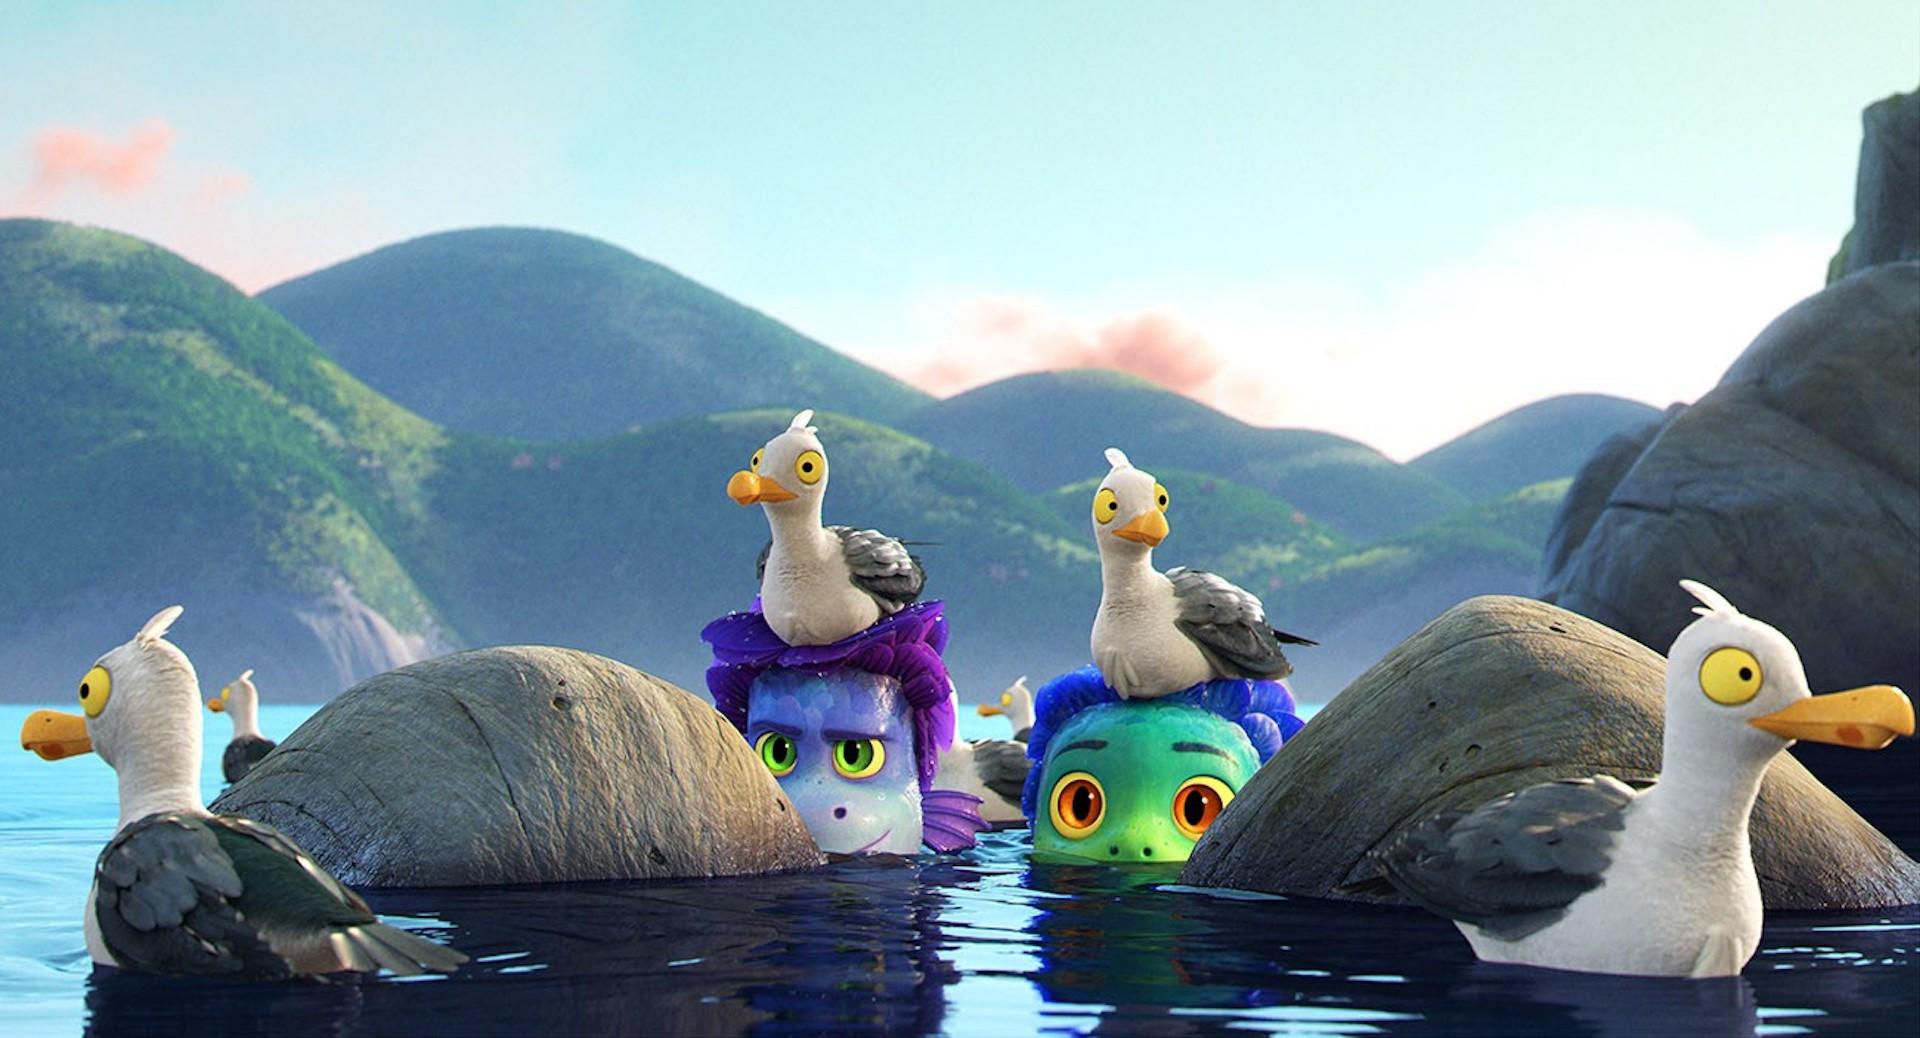 El 18 de junio estrena en Disney Plus, Luca, la nueva película de Pixar